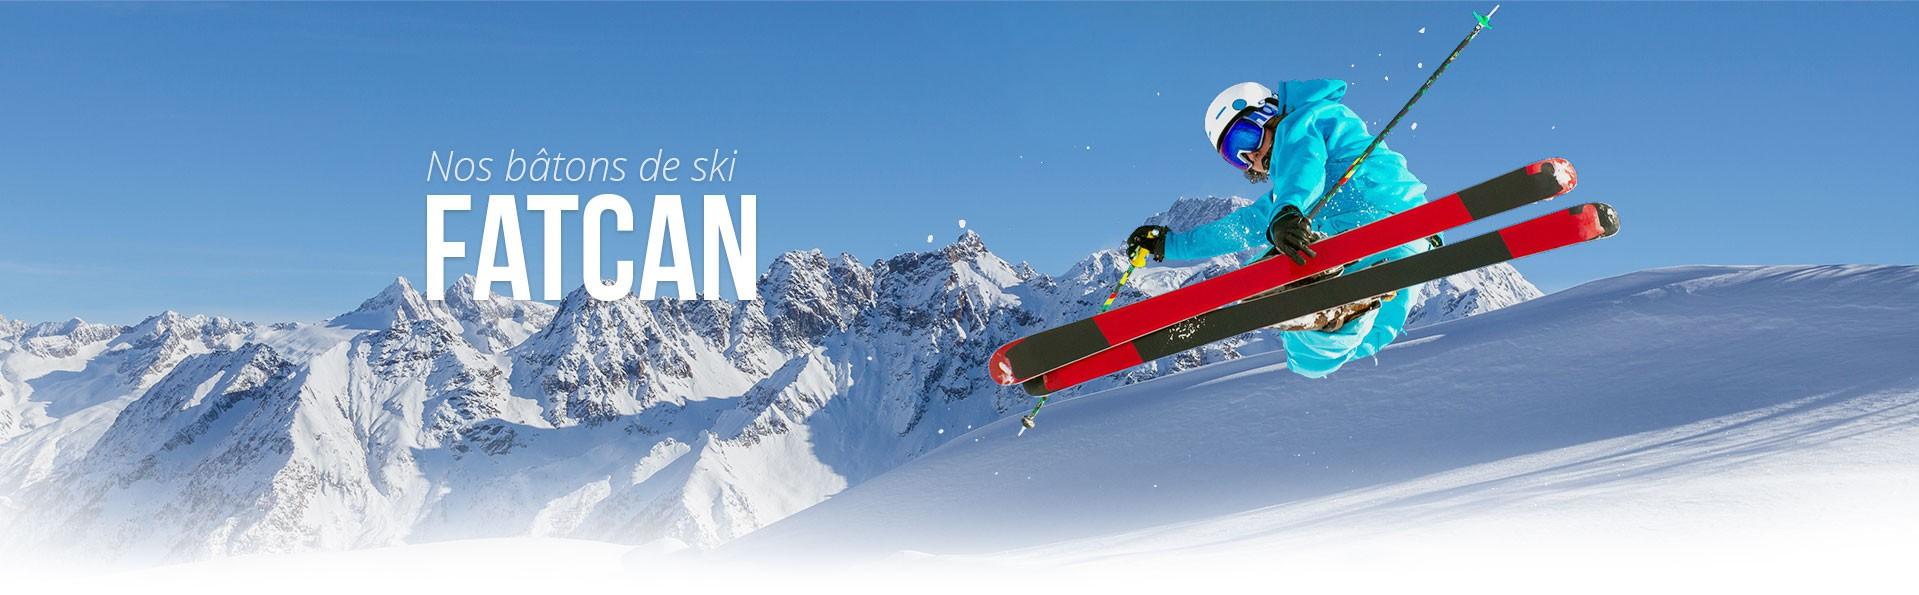 Bâton de ski Fatcan